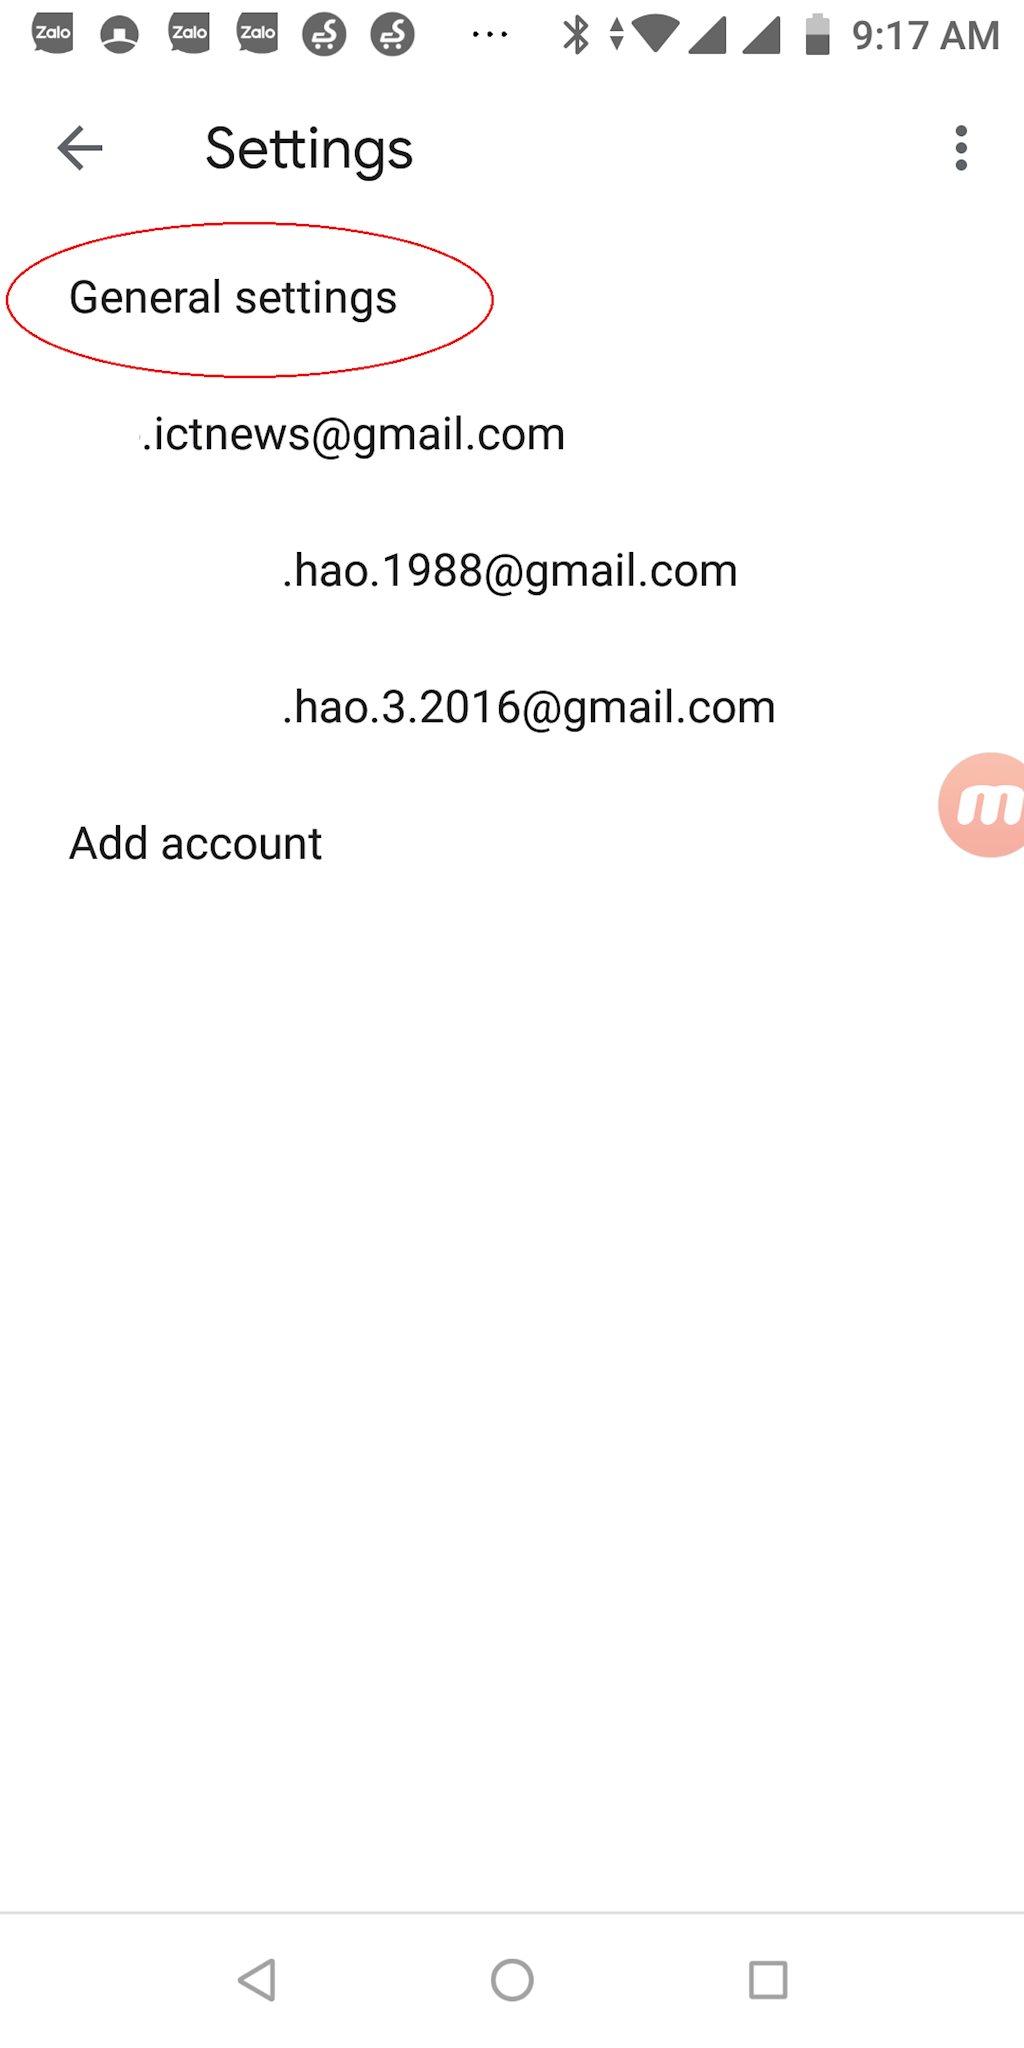 e3-huong-dan-cai-dat-giao-dien-gmail-nen-toi-cach-thay-doi-giao-dien-gmail-dark-mode(1).png